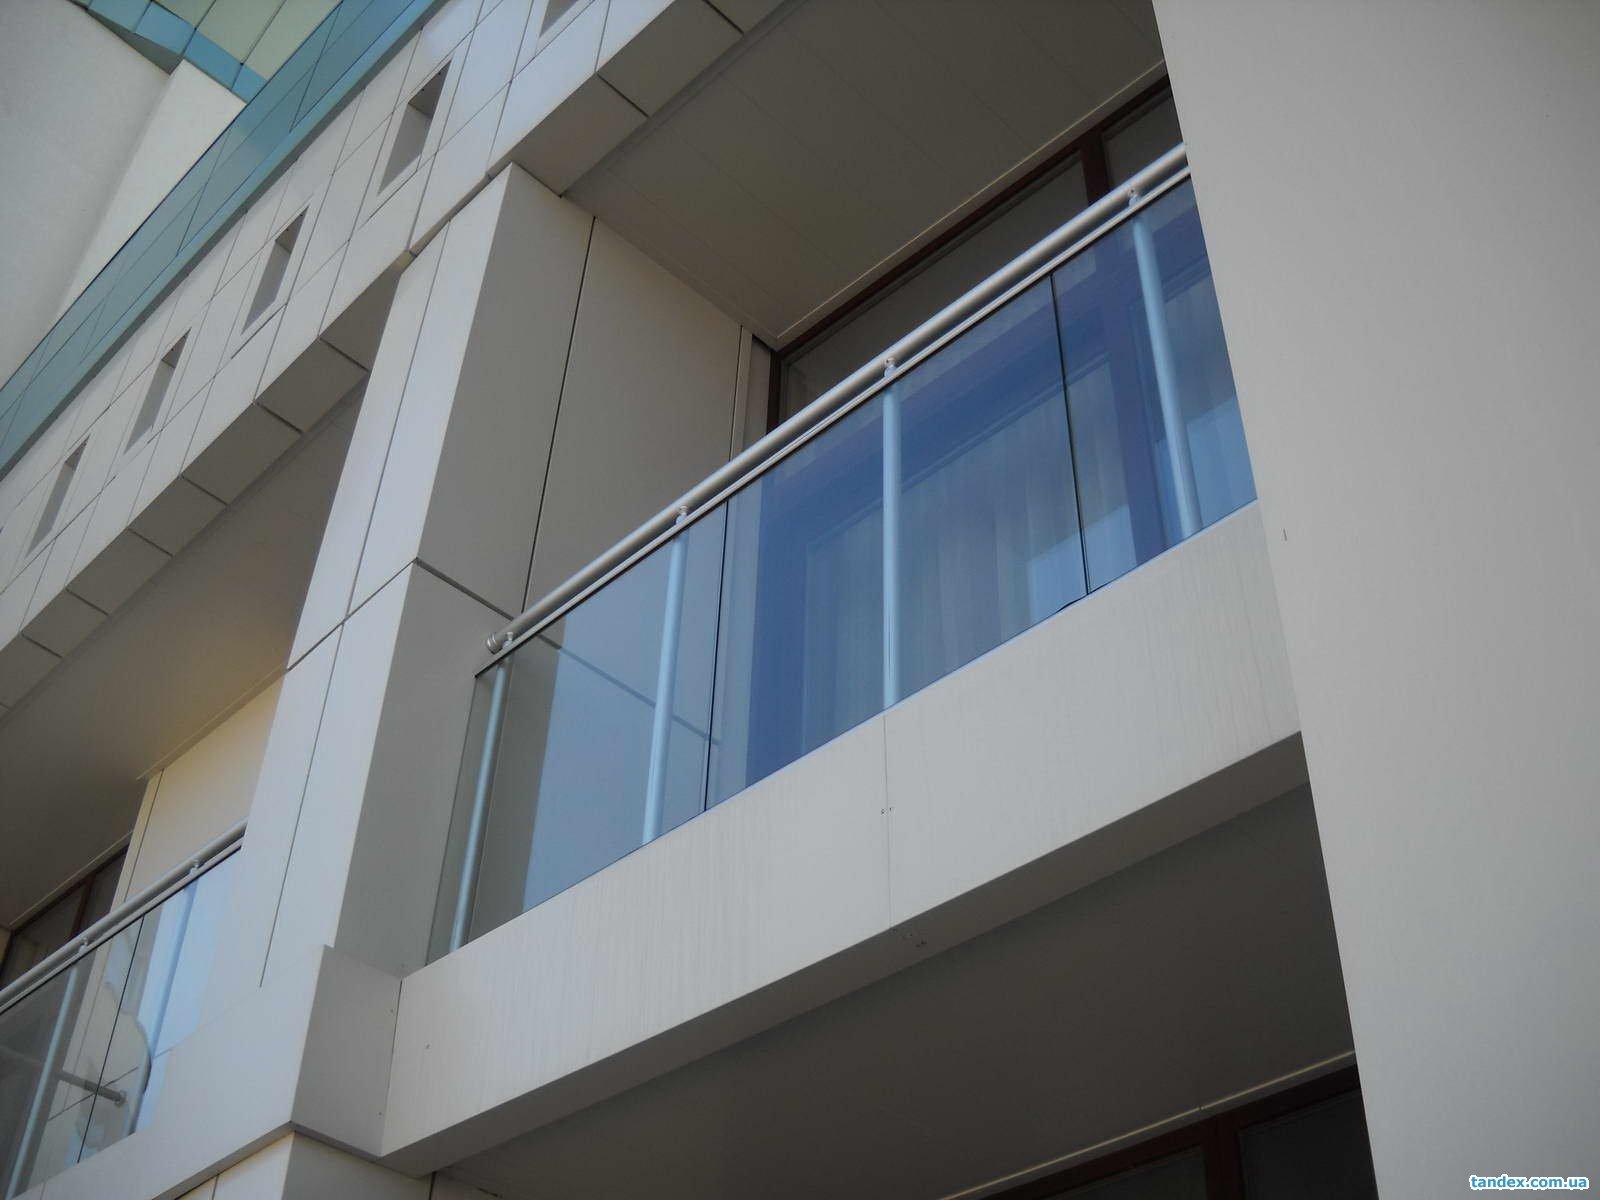 Экранные ограждения балконов. - наши работы - каталог статей.